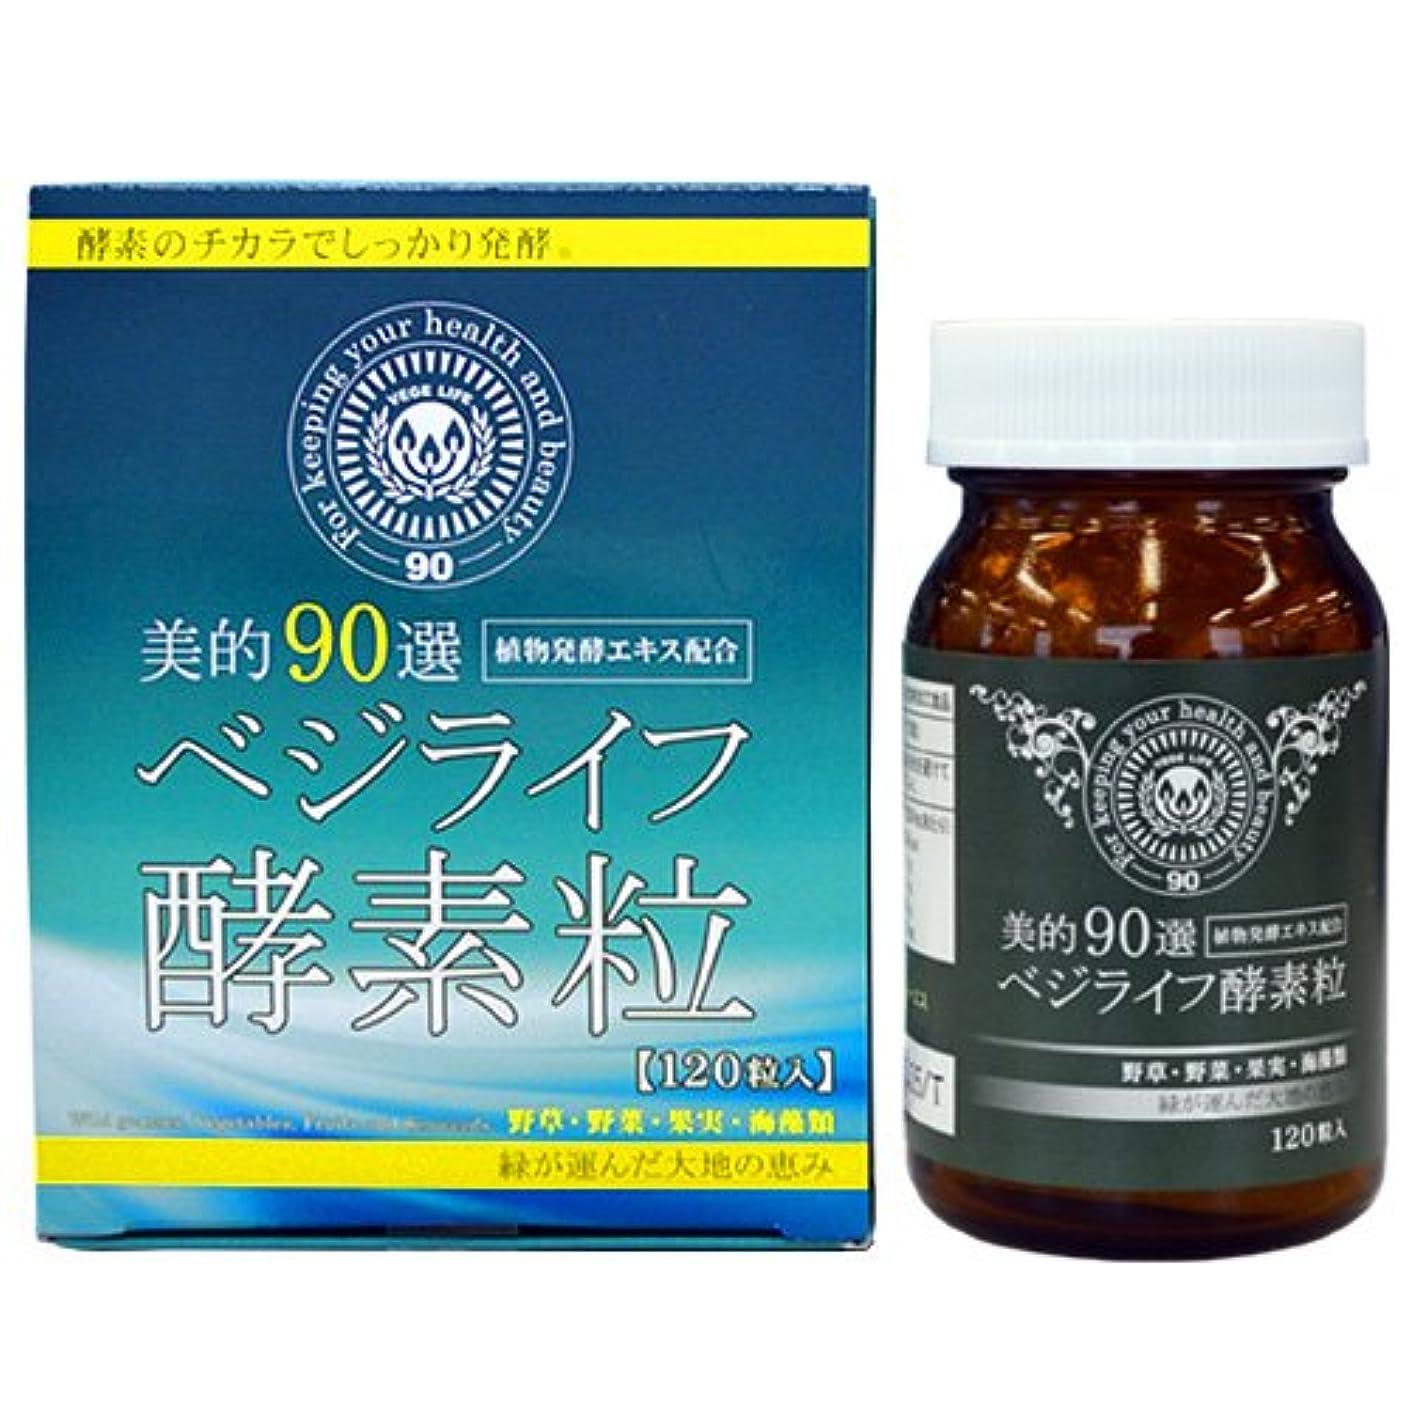 ペア期待する症候群植物発酵エキス配合 美的90選ベジライフ酵素粒(120粒入り)